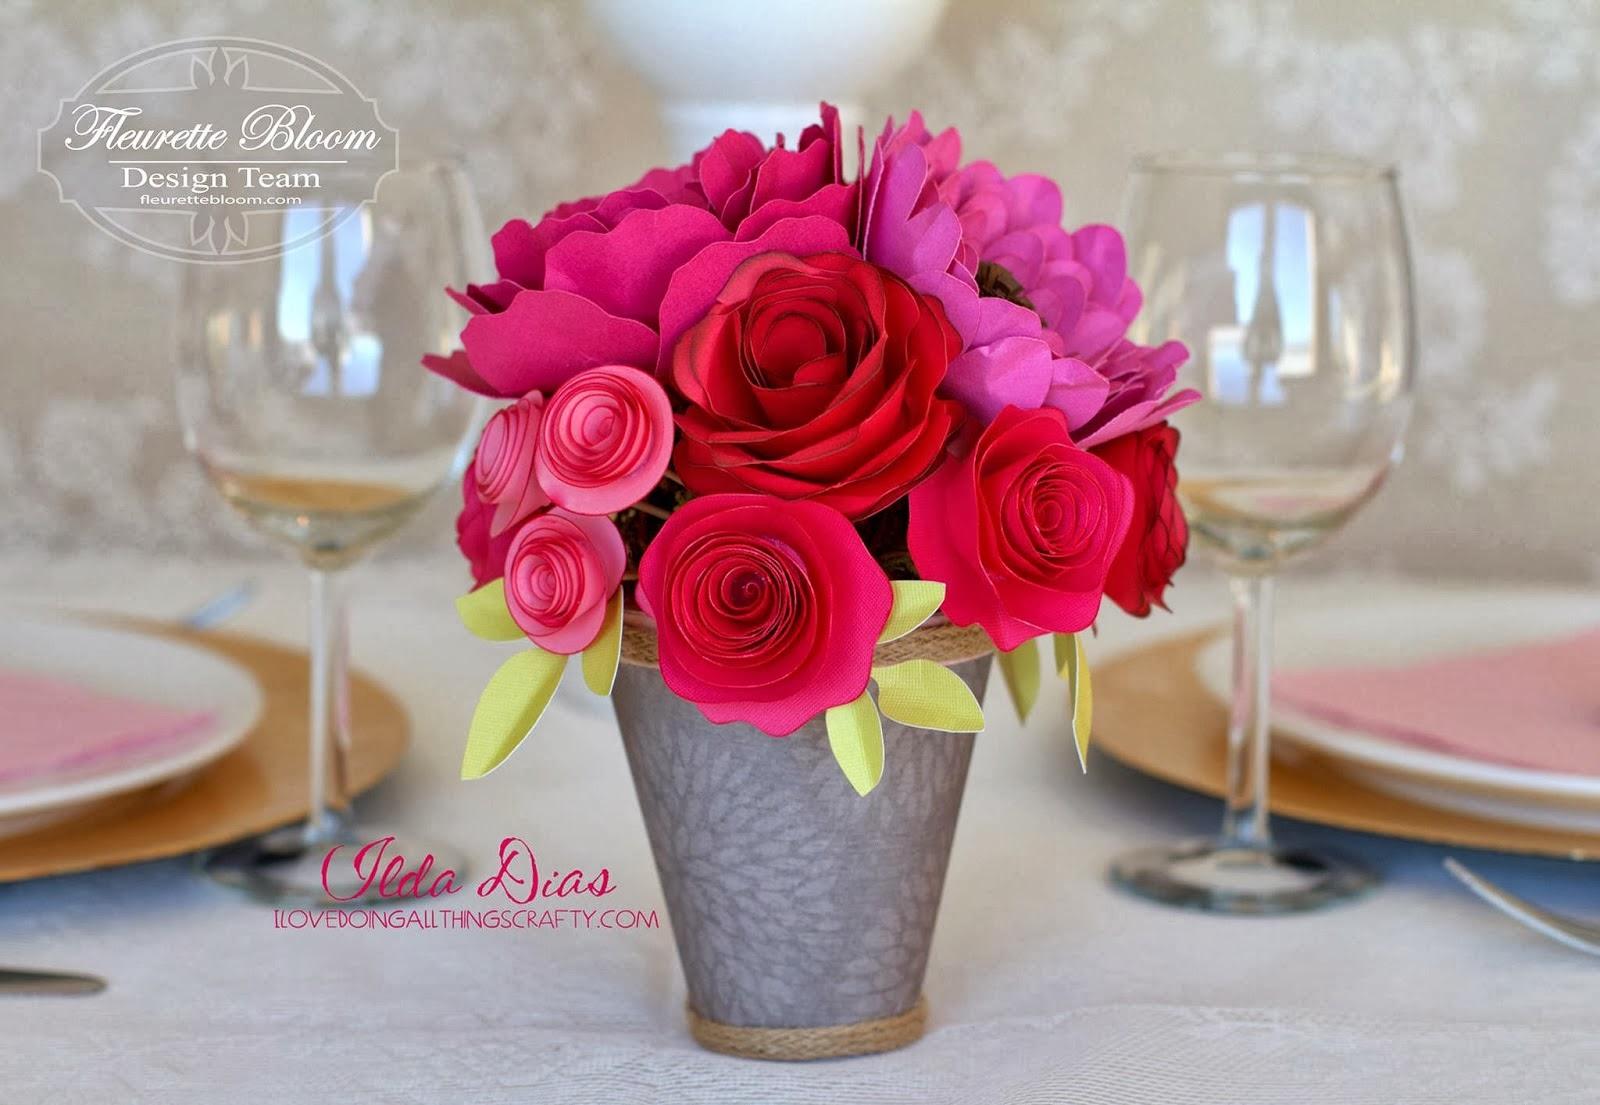 http://www.ilovedoingallthingscrafty.com/2014/01/3d-paper-floral-centerpiece.html